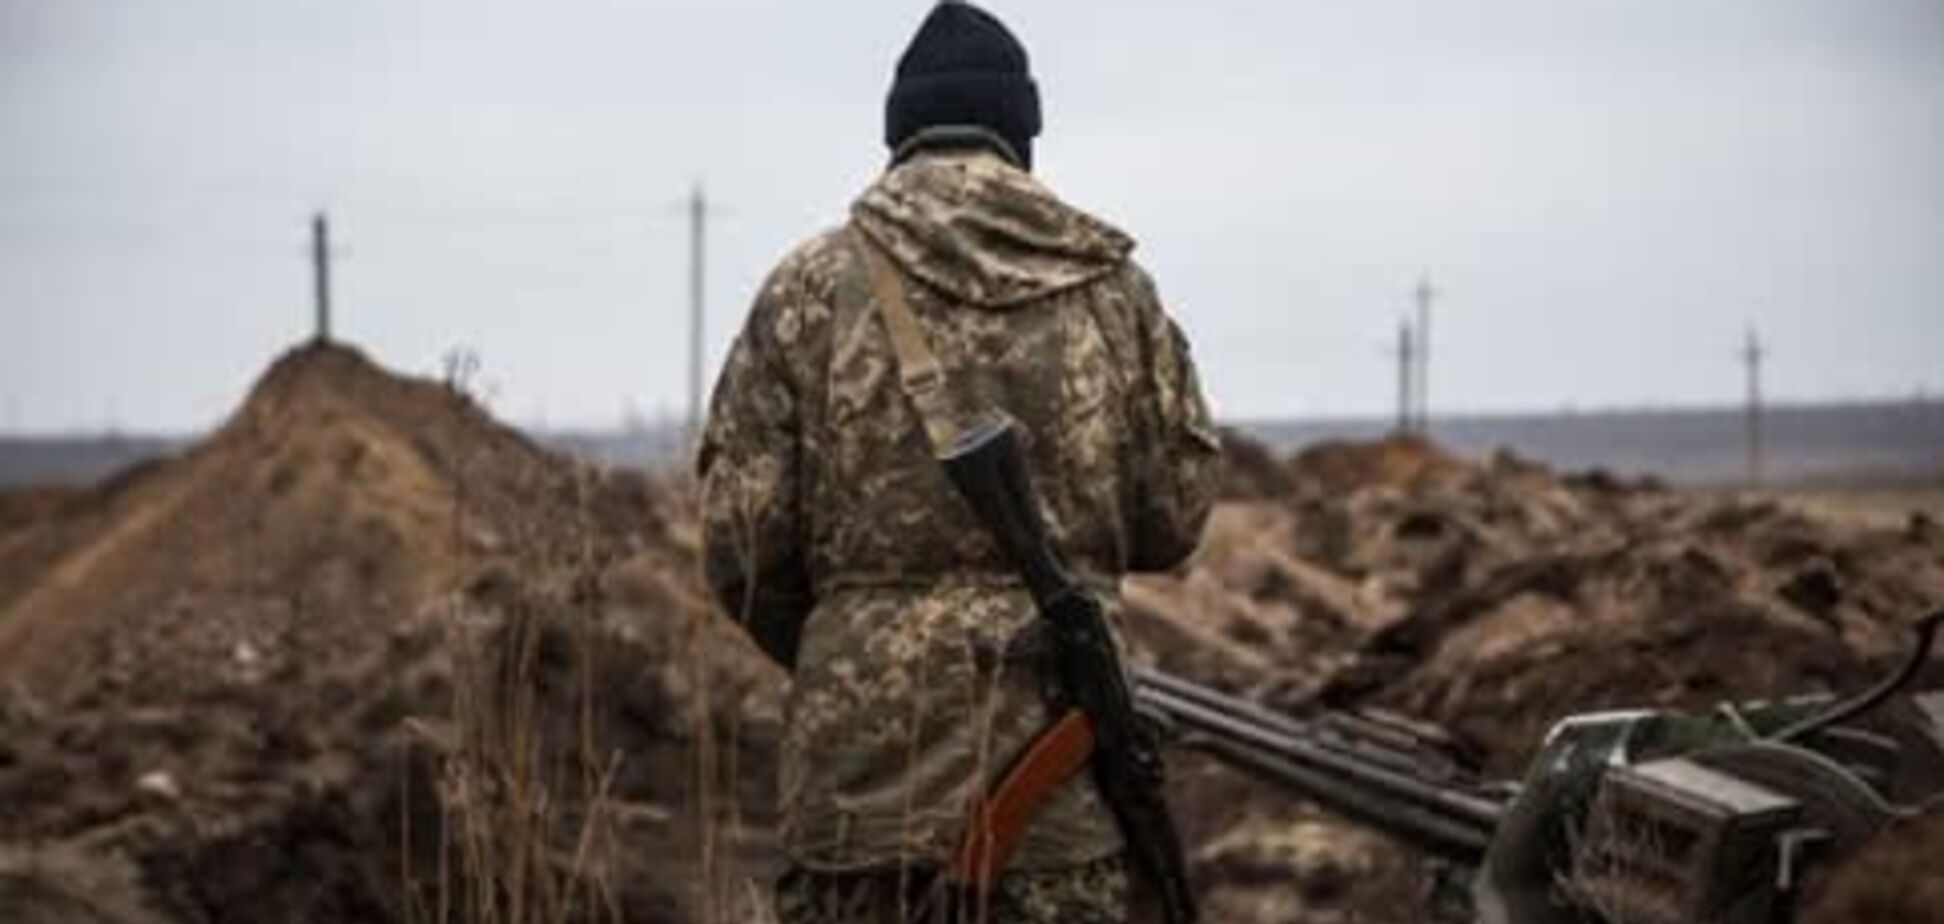 Війна за незалежність України: ЗСУ вистояли в сутичці з 'Л/ДНР'